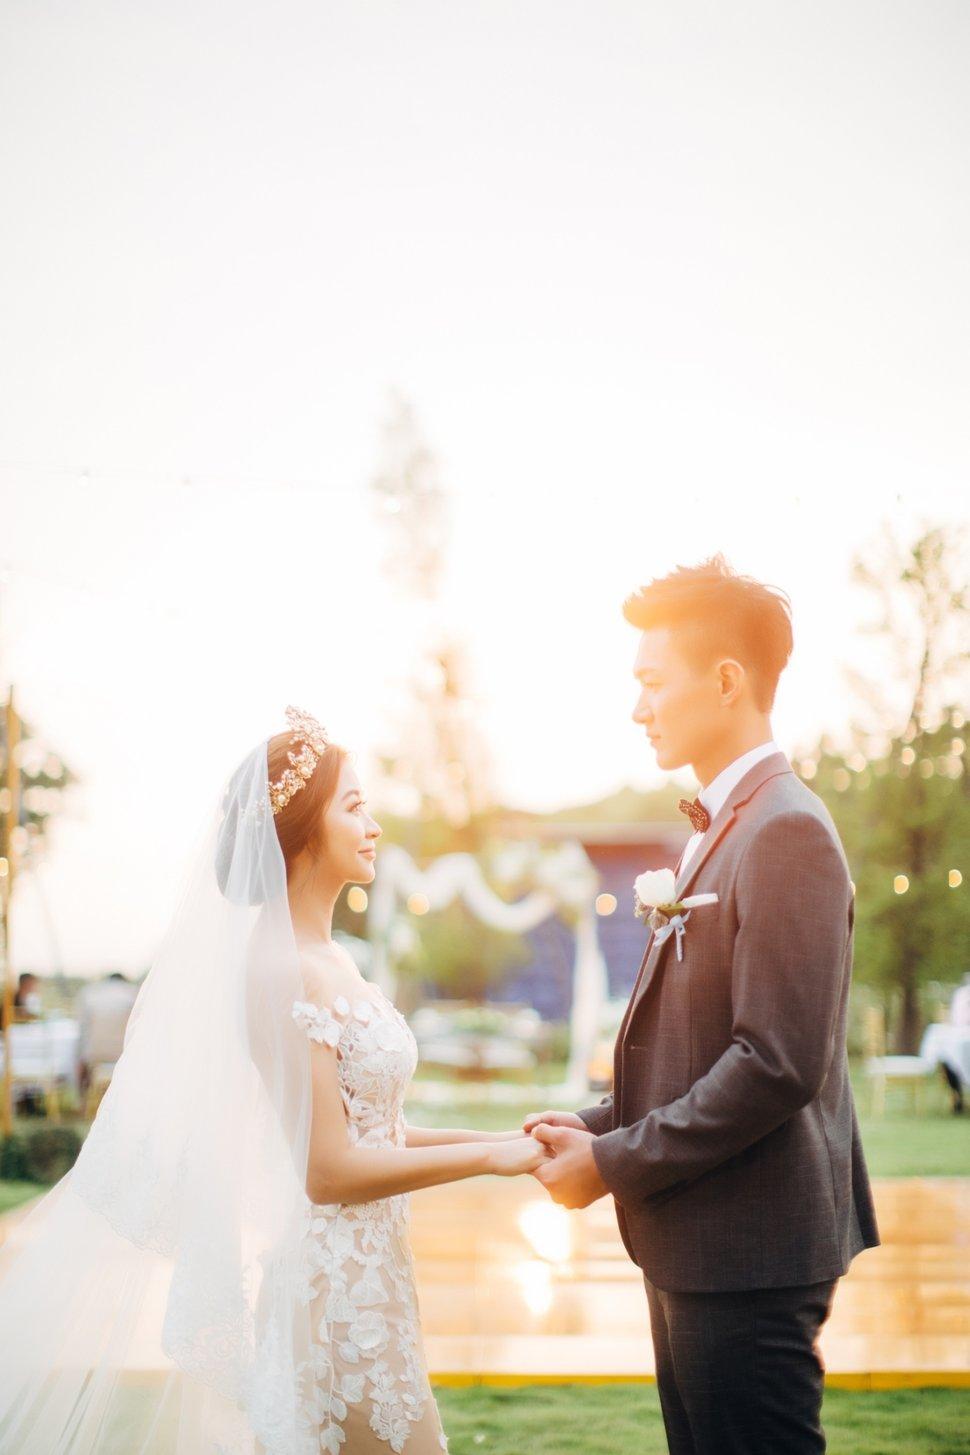 MH咖啡 美式鄉村婚宴_190108_0039 - 薇絲山庭草原夜景婚宴會館《結婚吧》